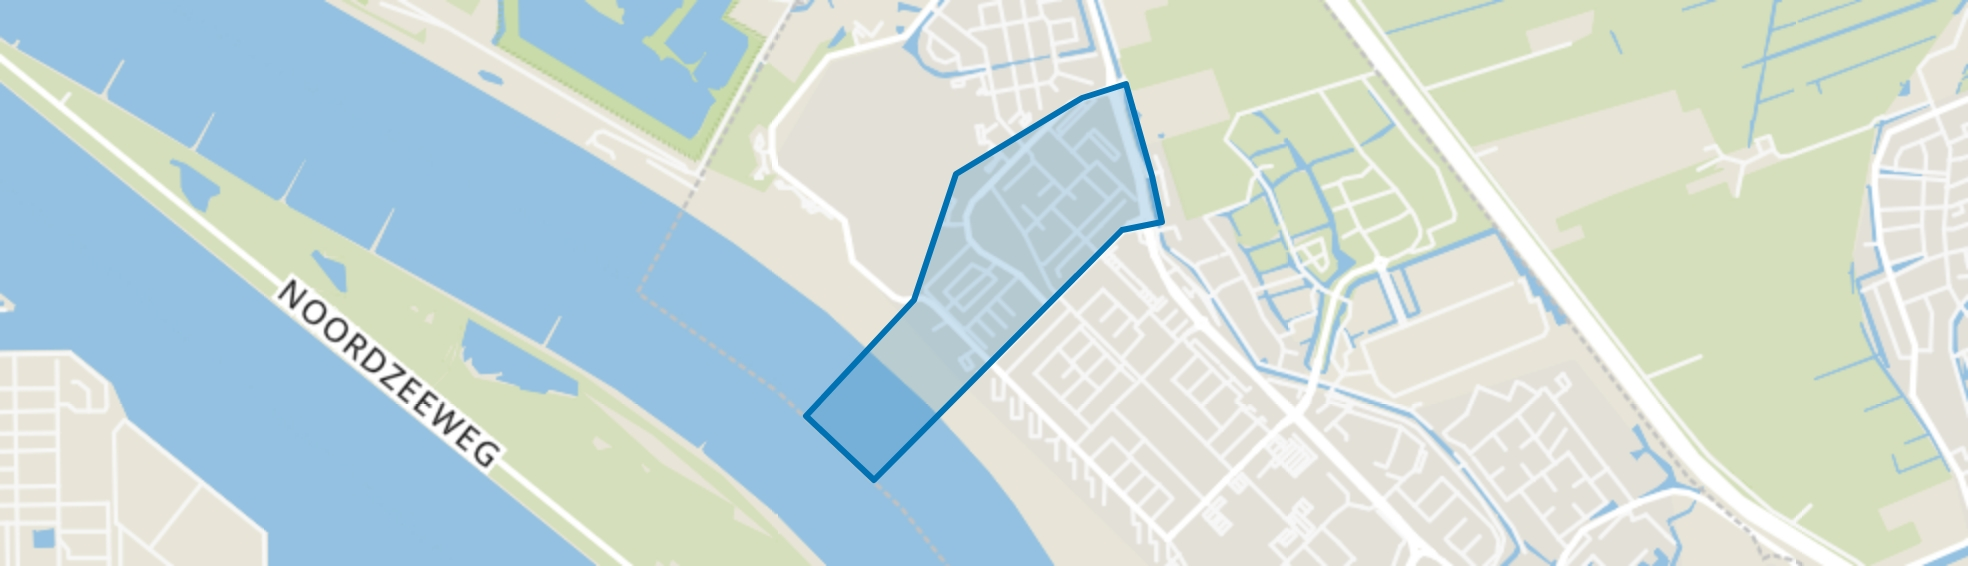 Burgemeesterswijk, Maassluis map